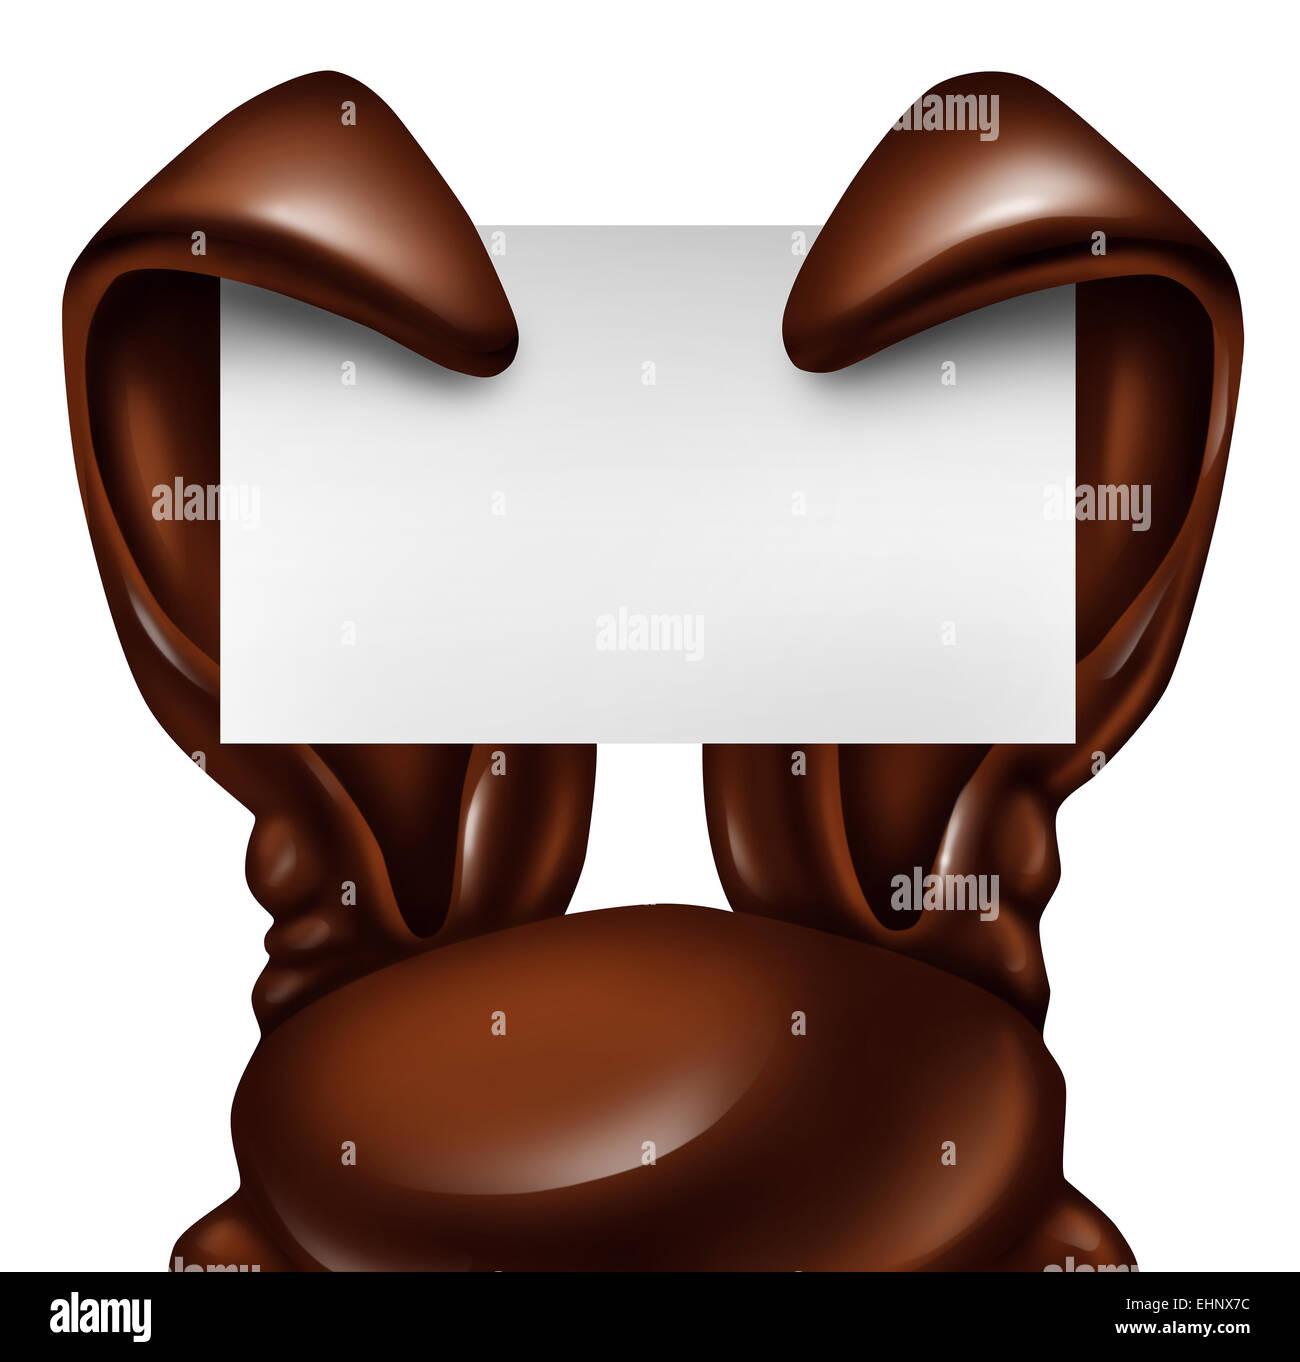 Pascua conejo de chocolate firmar como confitura dulce orejas sosteniendo un título vacío tarjeta como Imagen De Stock